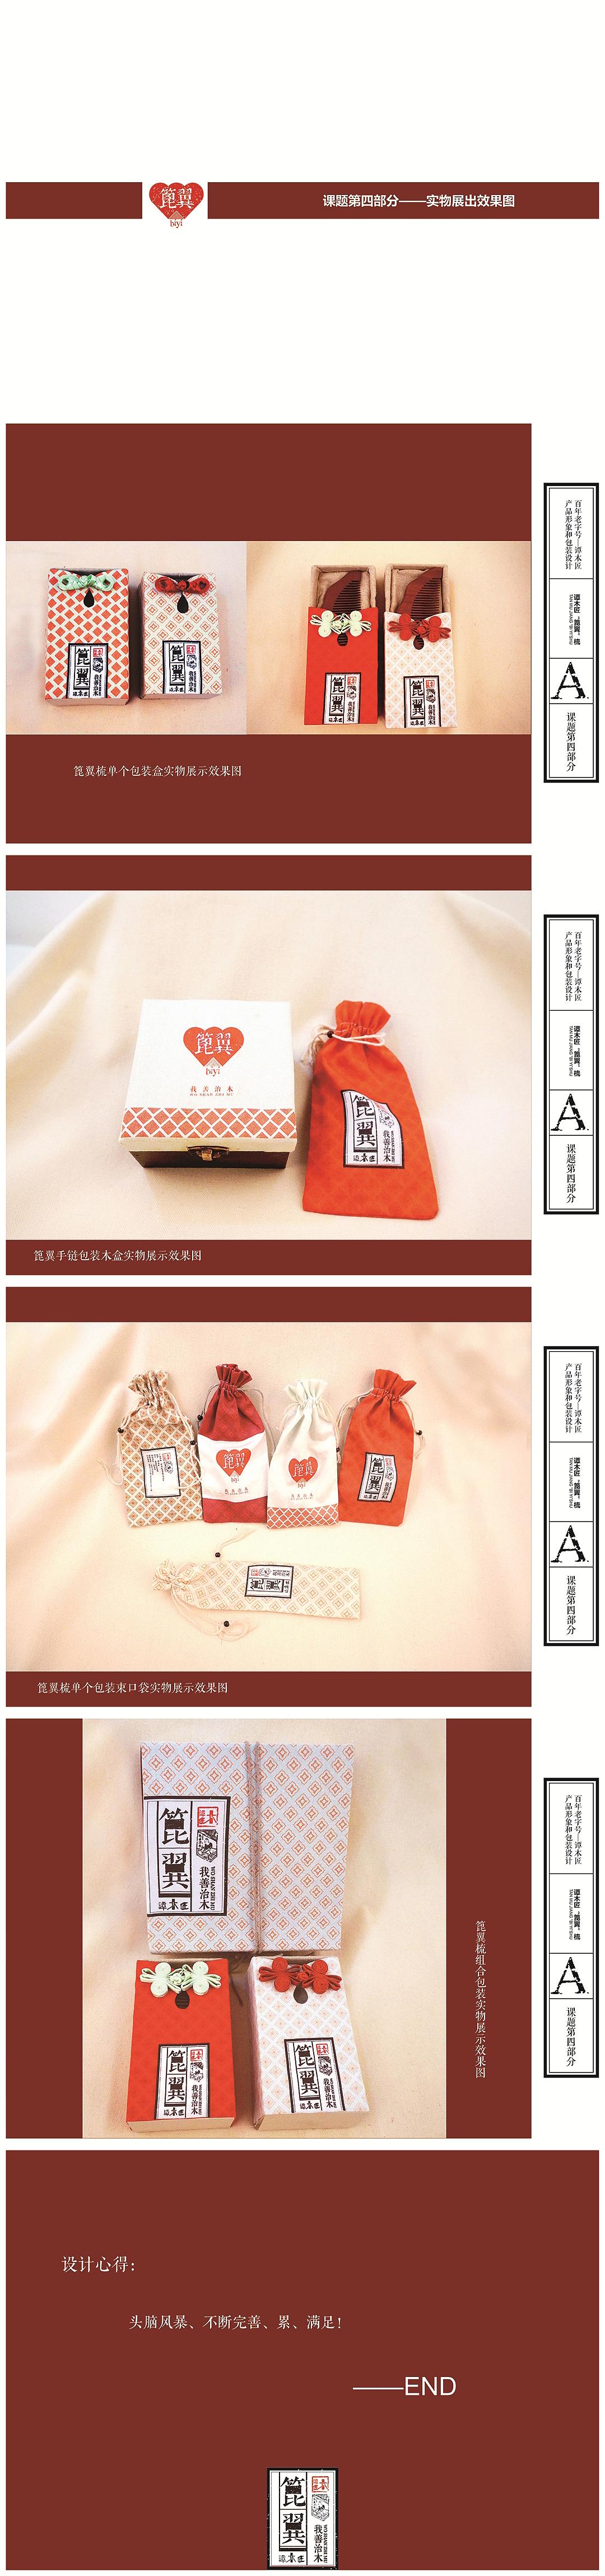 毕业设计作品-百年老字号产品形象和包装设计图片